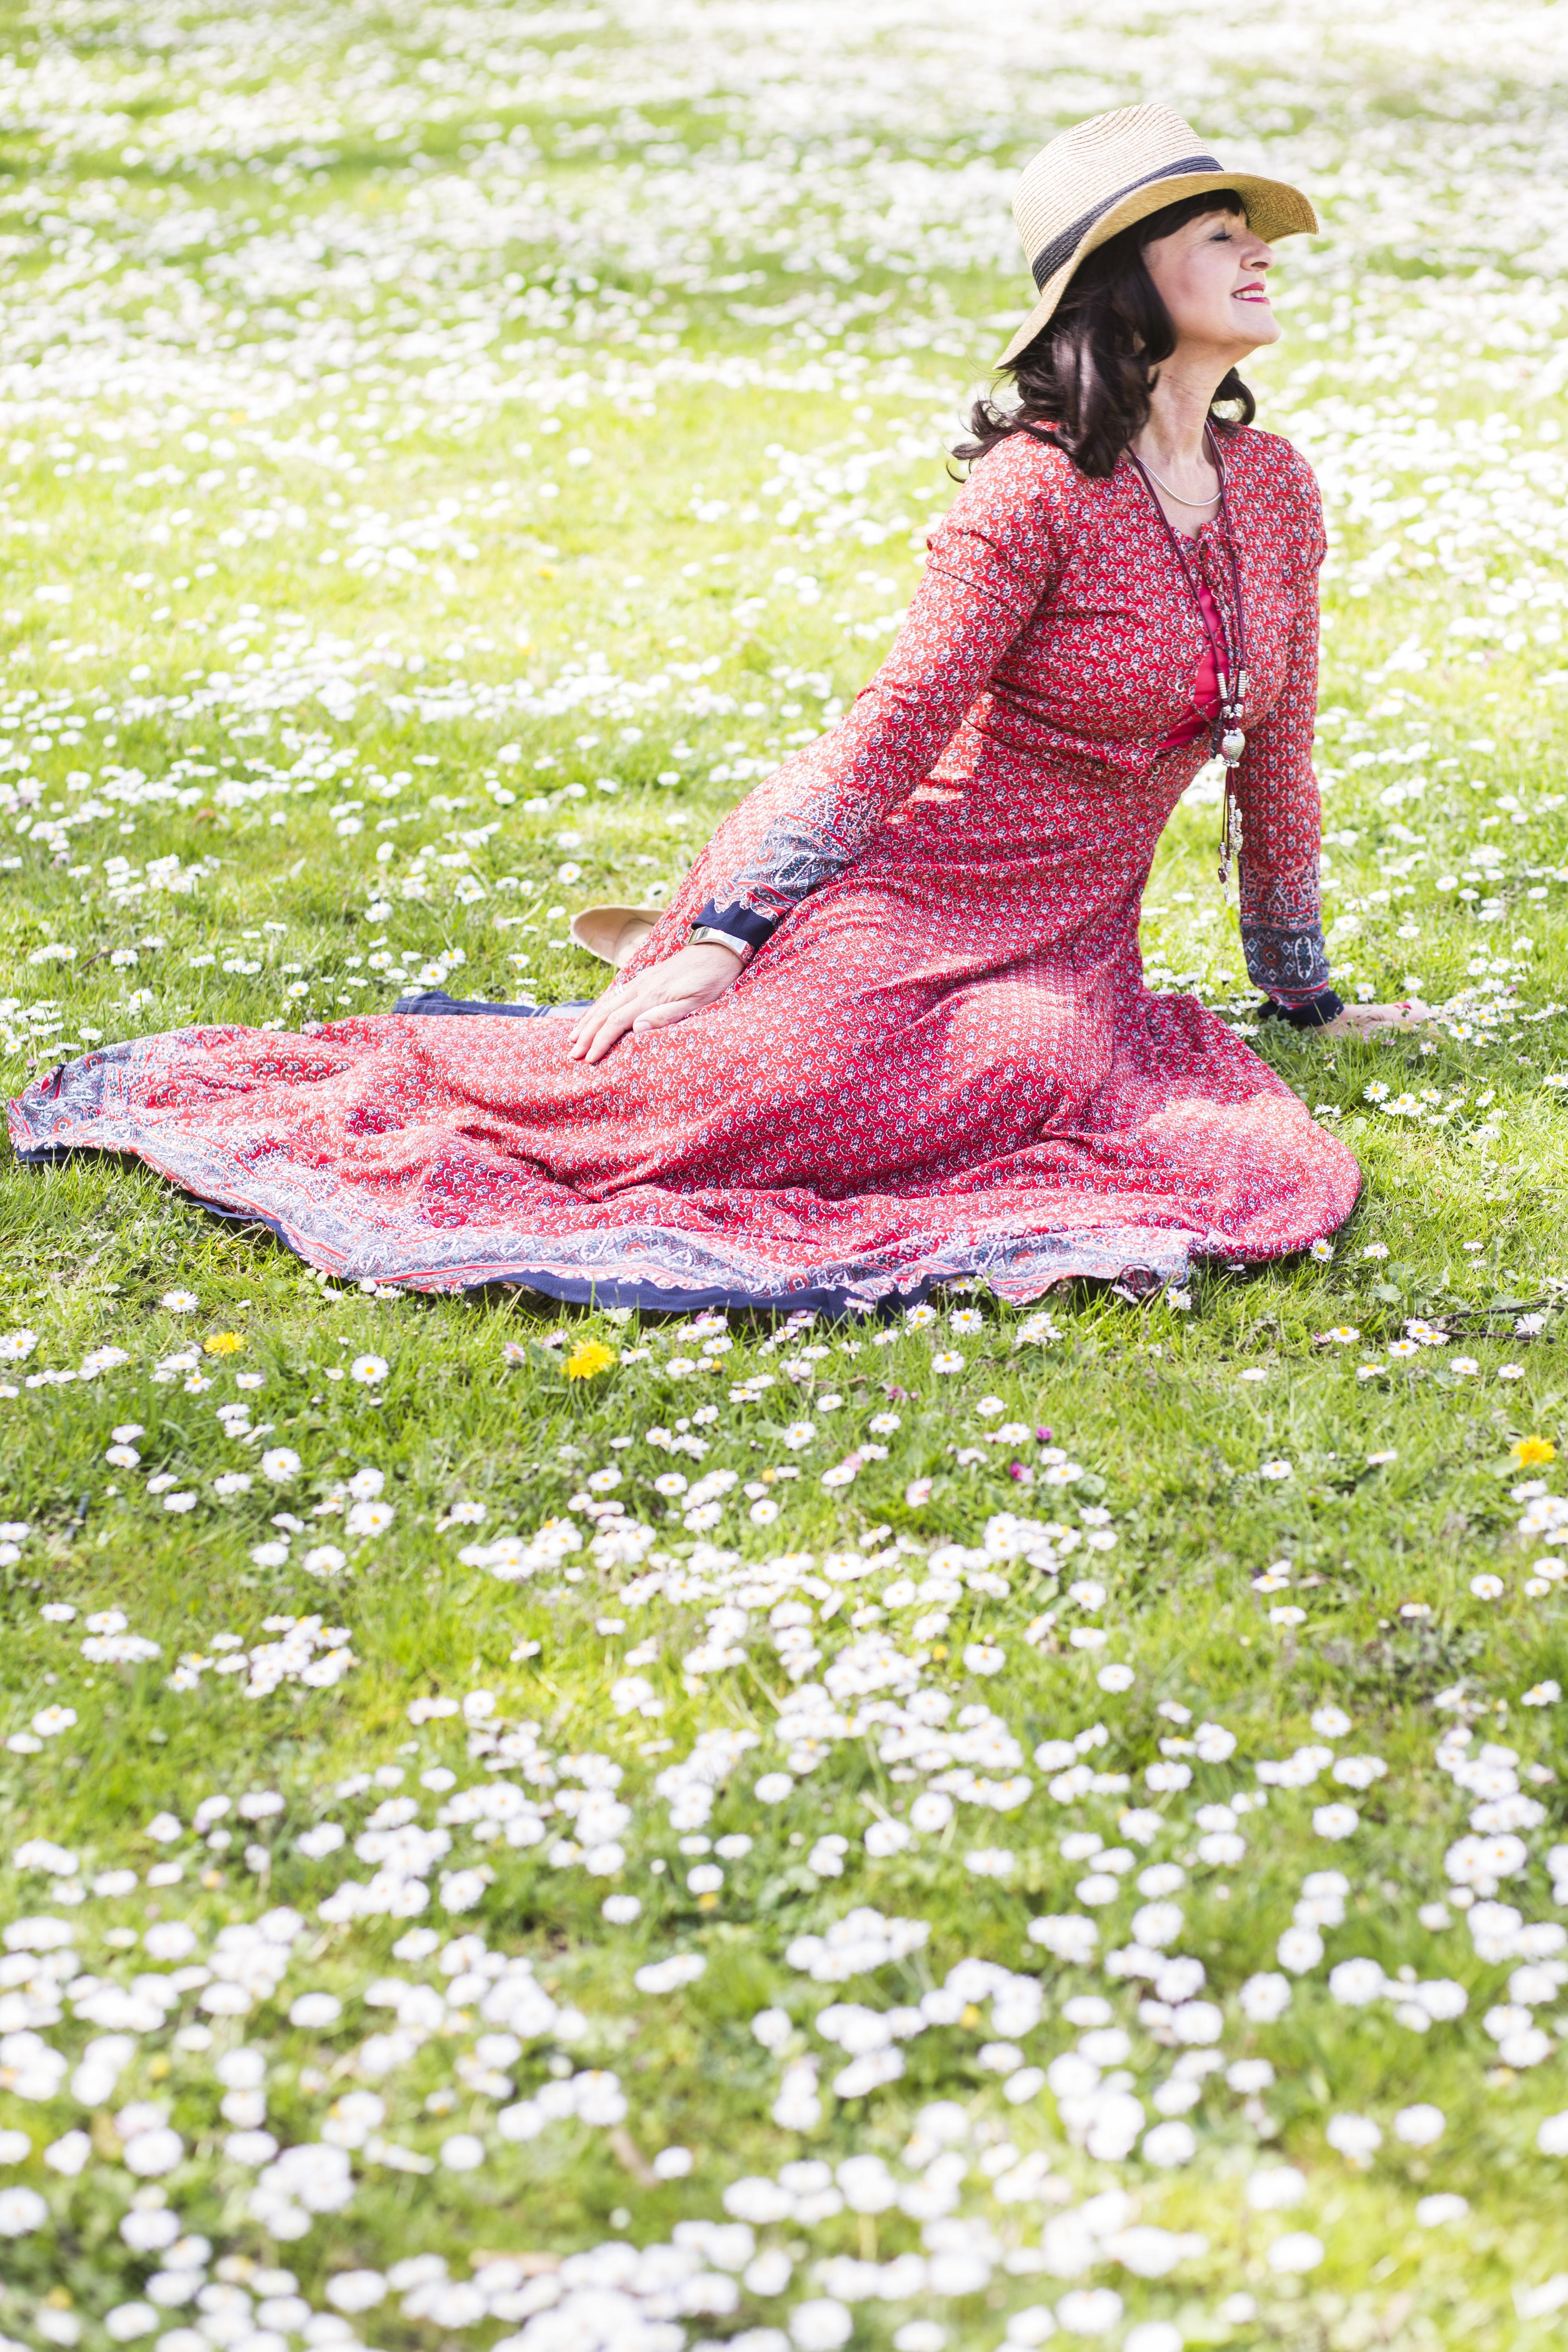 Martina Berg im Boho-Stil in der Gänseblumen-Wiese - I